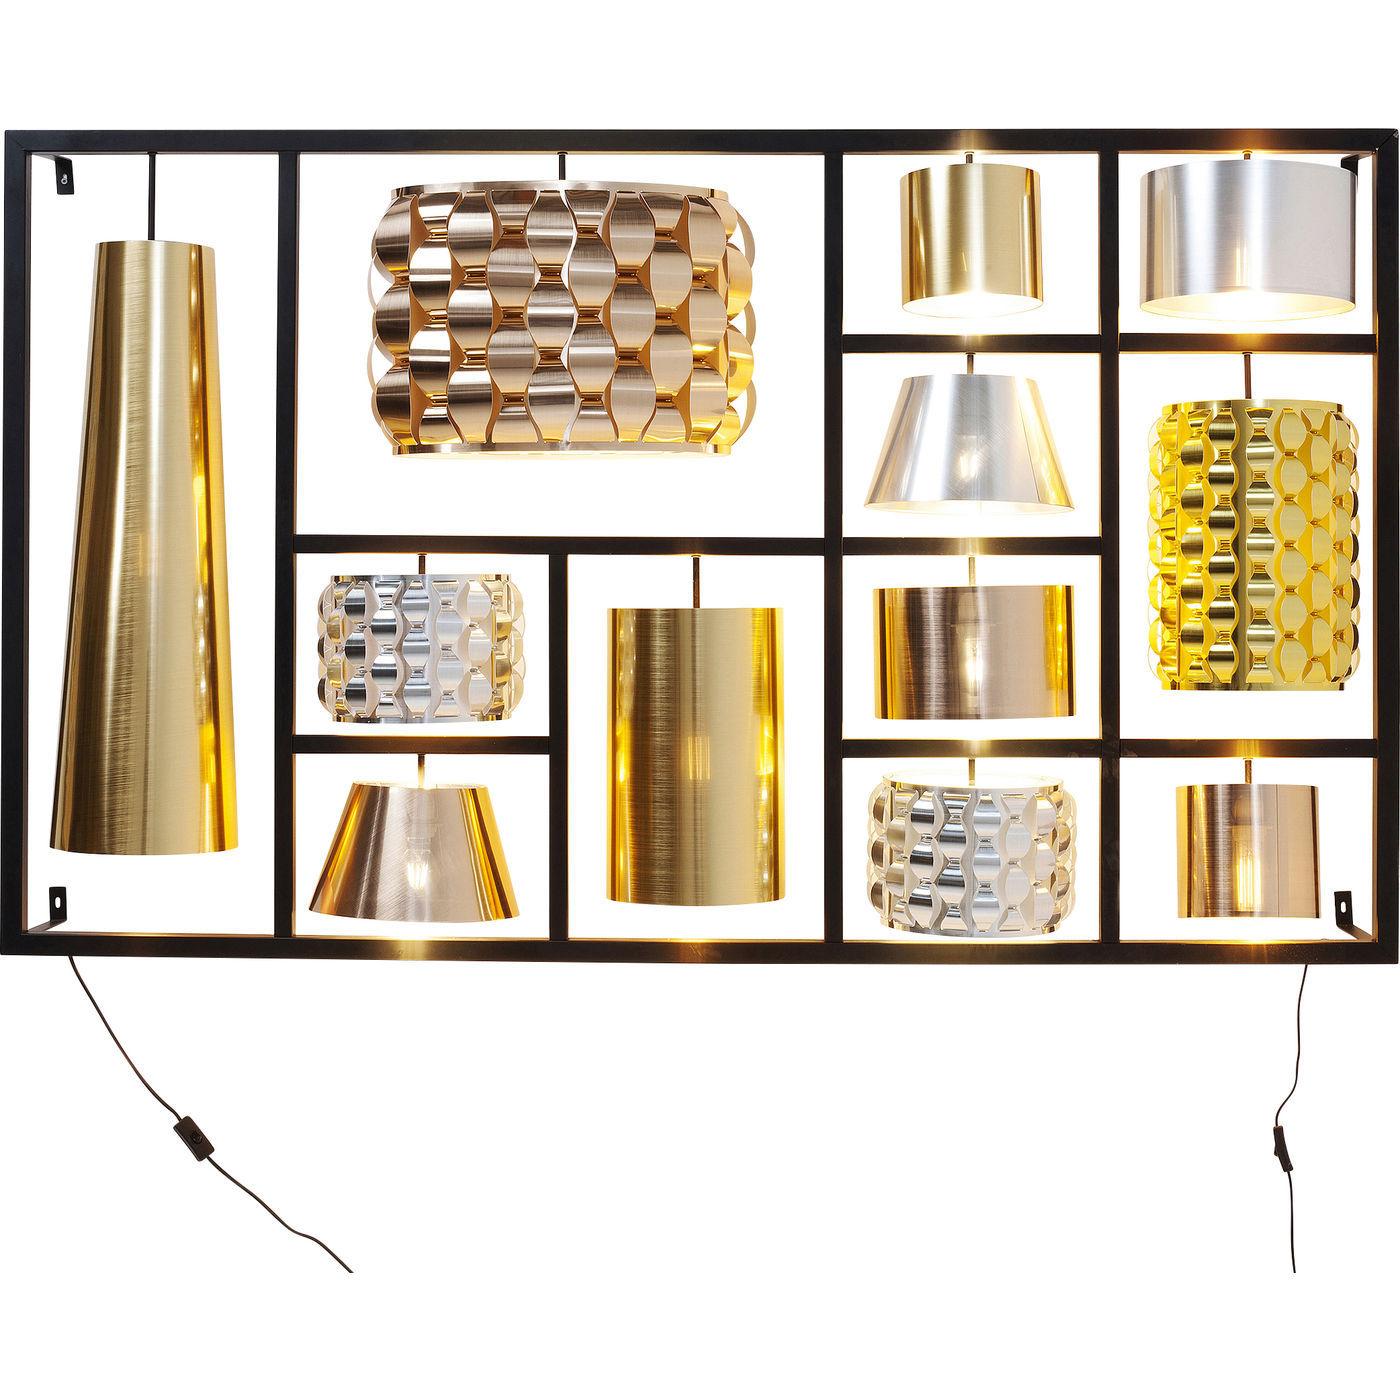 kare design Kare design parecchi glamour black big væglampe - guld/sølv/bronze plastik og sort stål på boboonline.dk